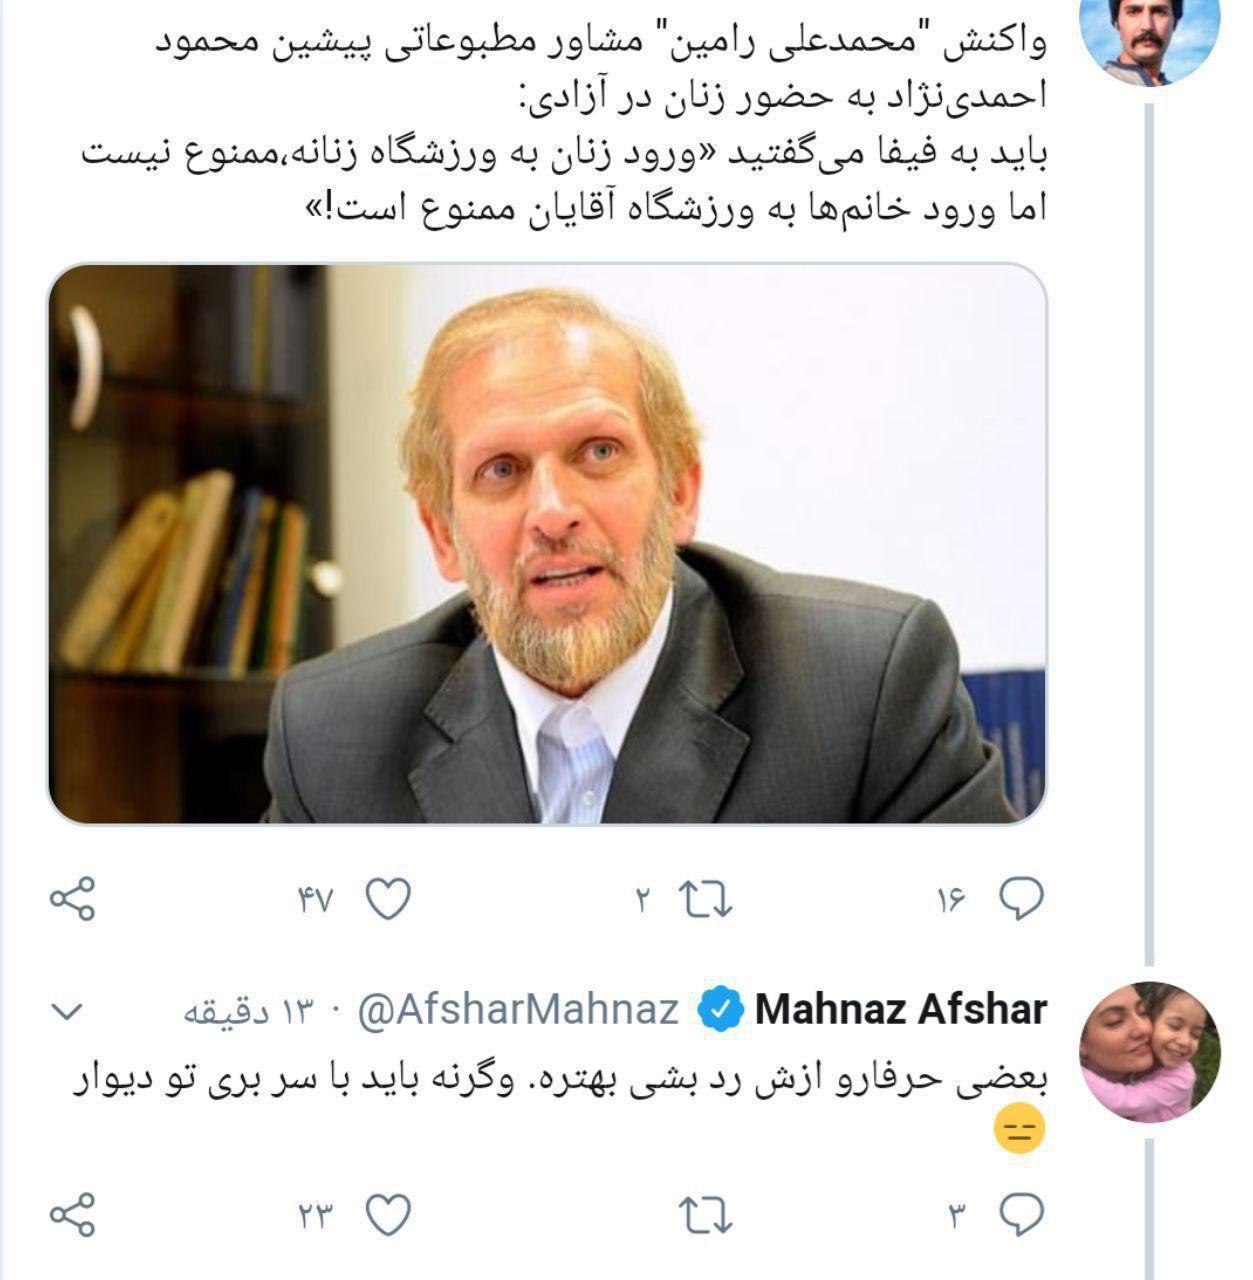 واکنش مهناز افشار به اظهارات عجیب پدر شوهر سابقاش